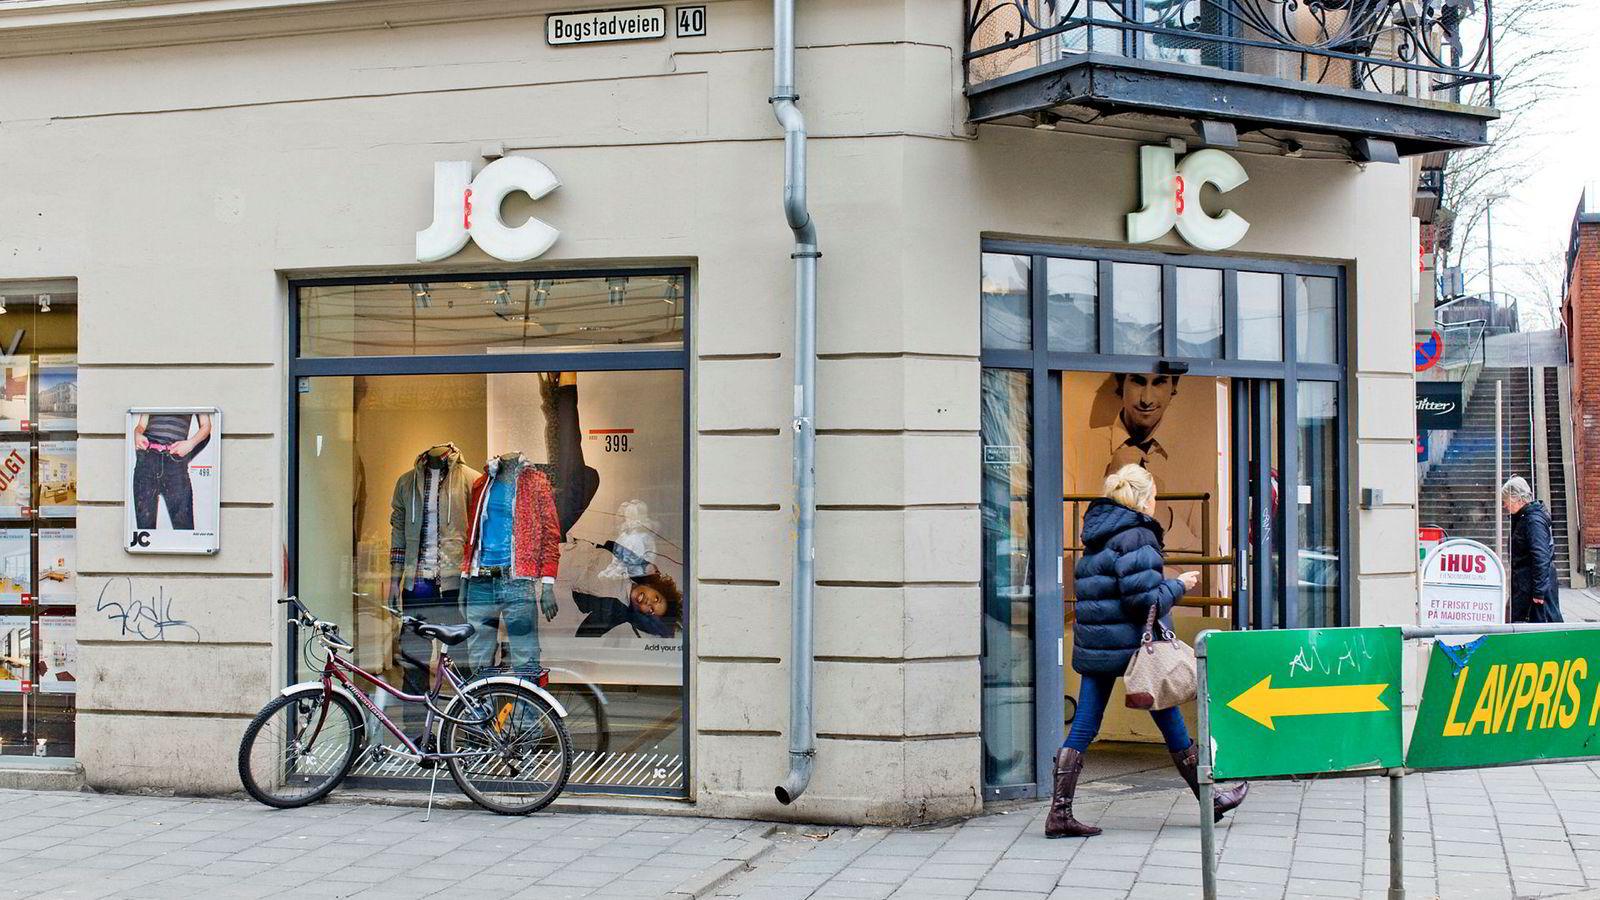 For over ti år siden var den svenske kleskjeden JC stor innen jeans-salg Norge. Her fra en butikk i Bogstadveien i Oslo i 2008.